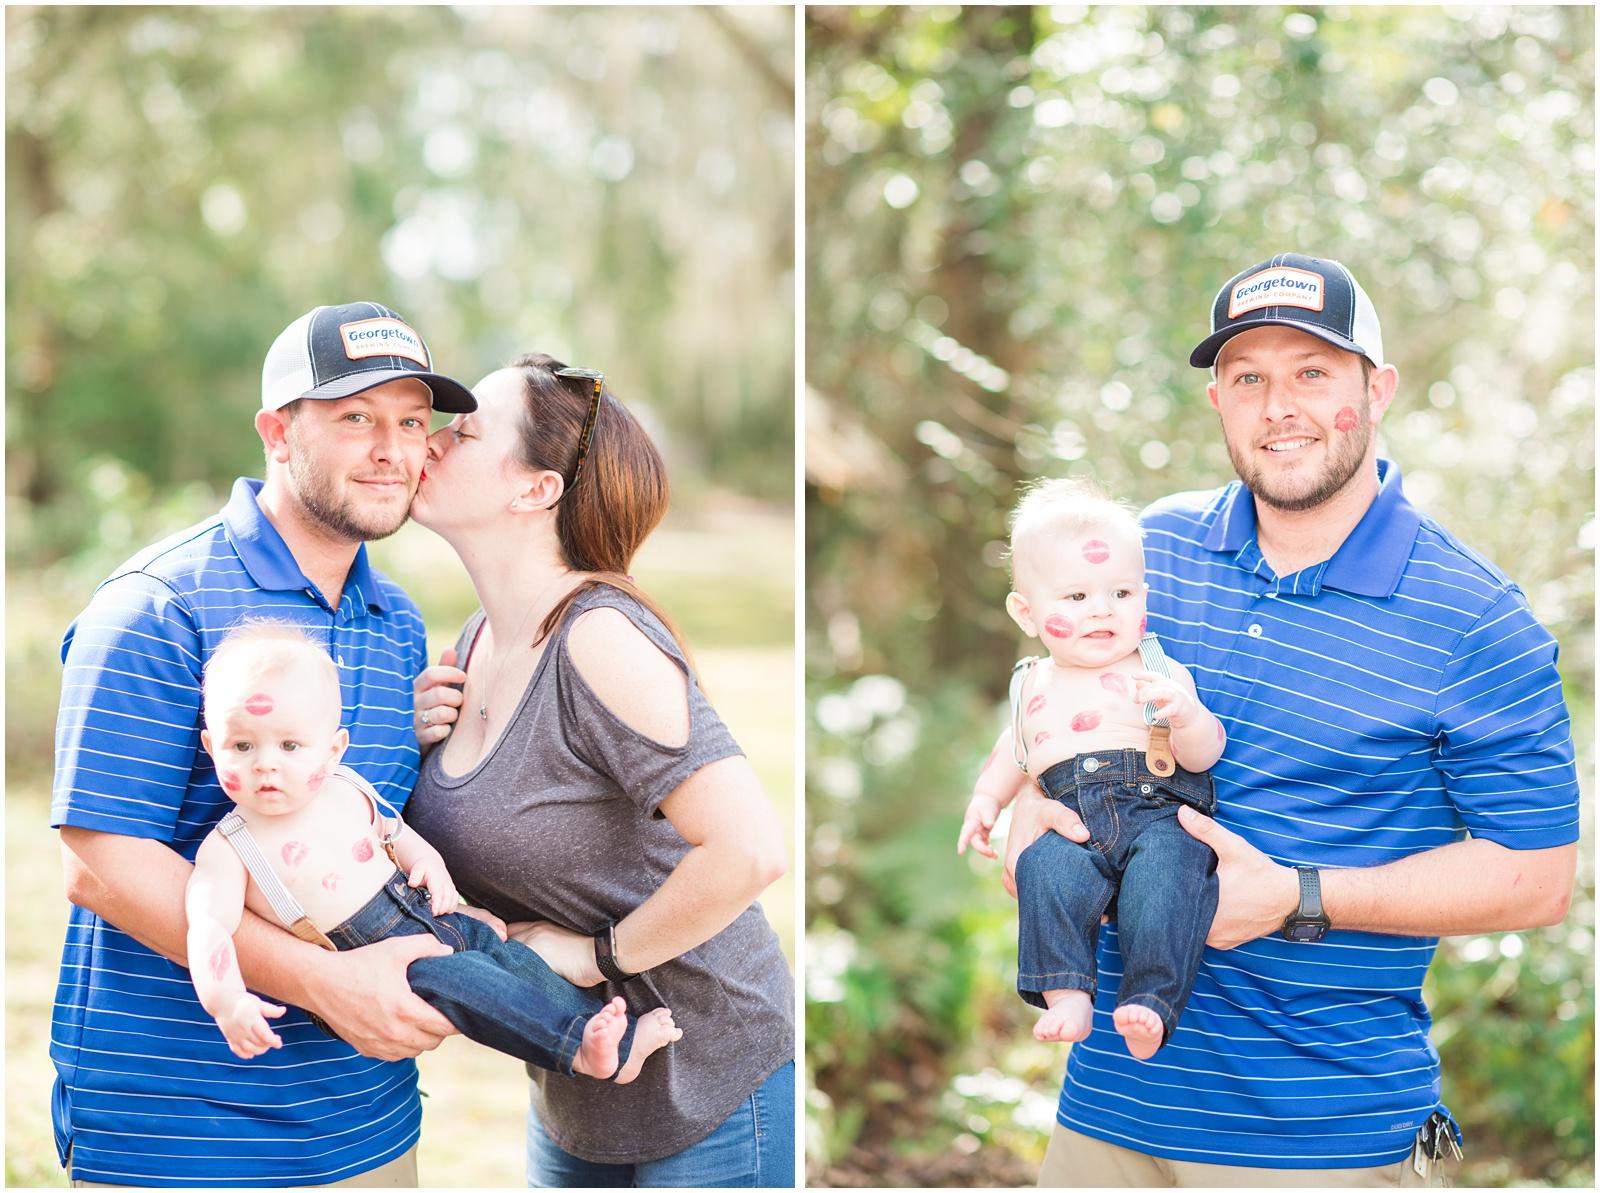 Baby_Portraits_6 Months_Valentine's Day_Walter Jones Park_10.jpg